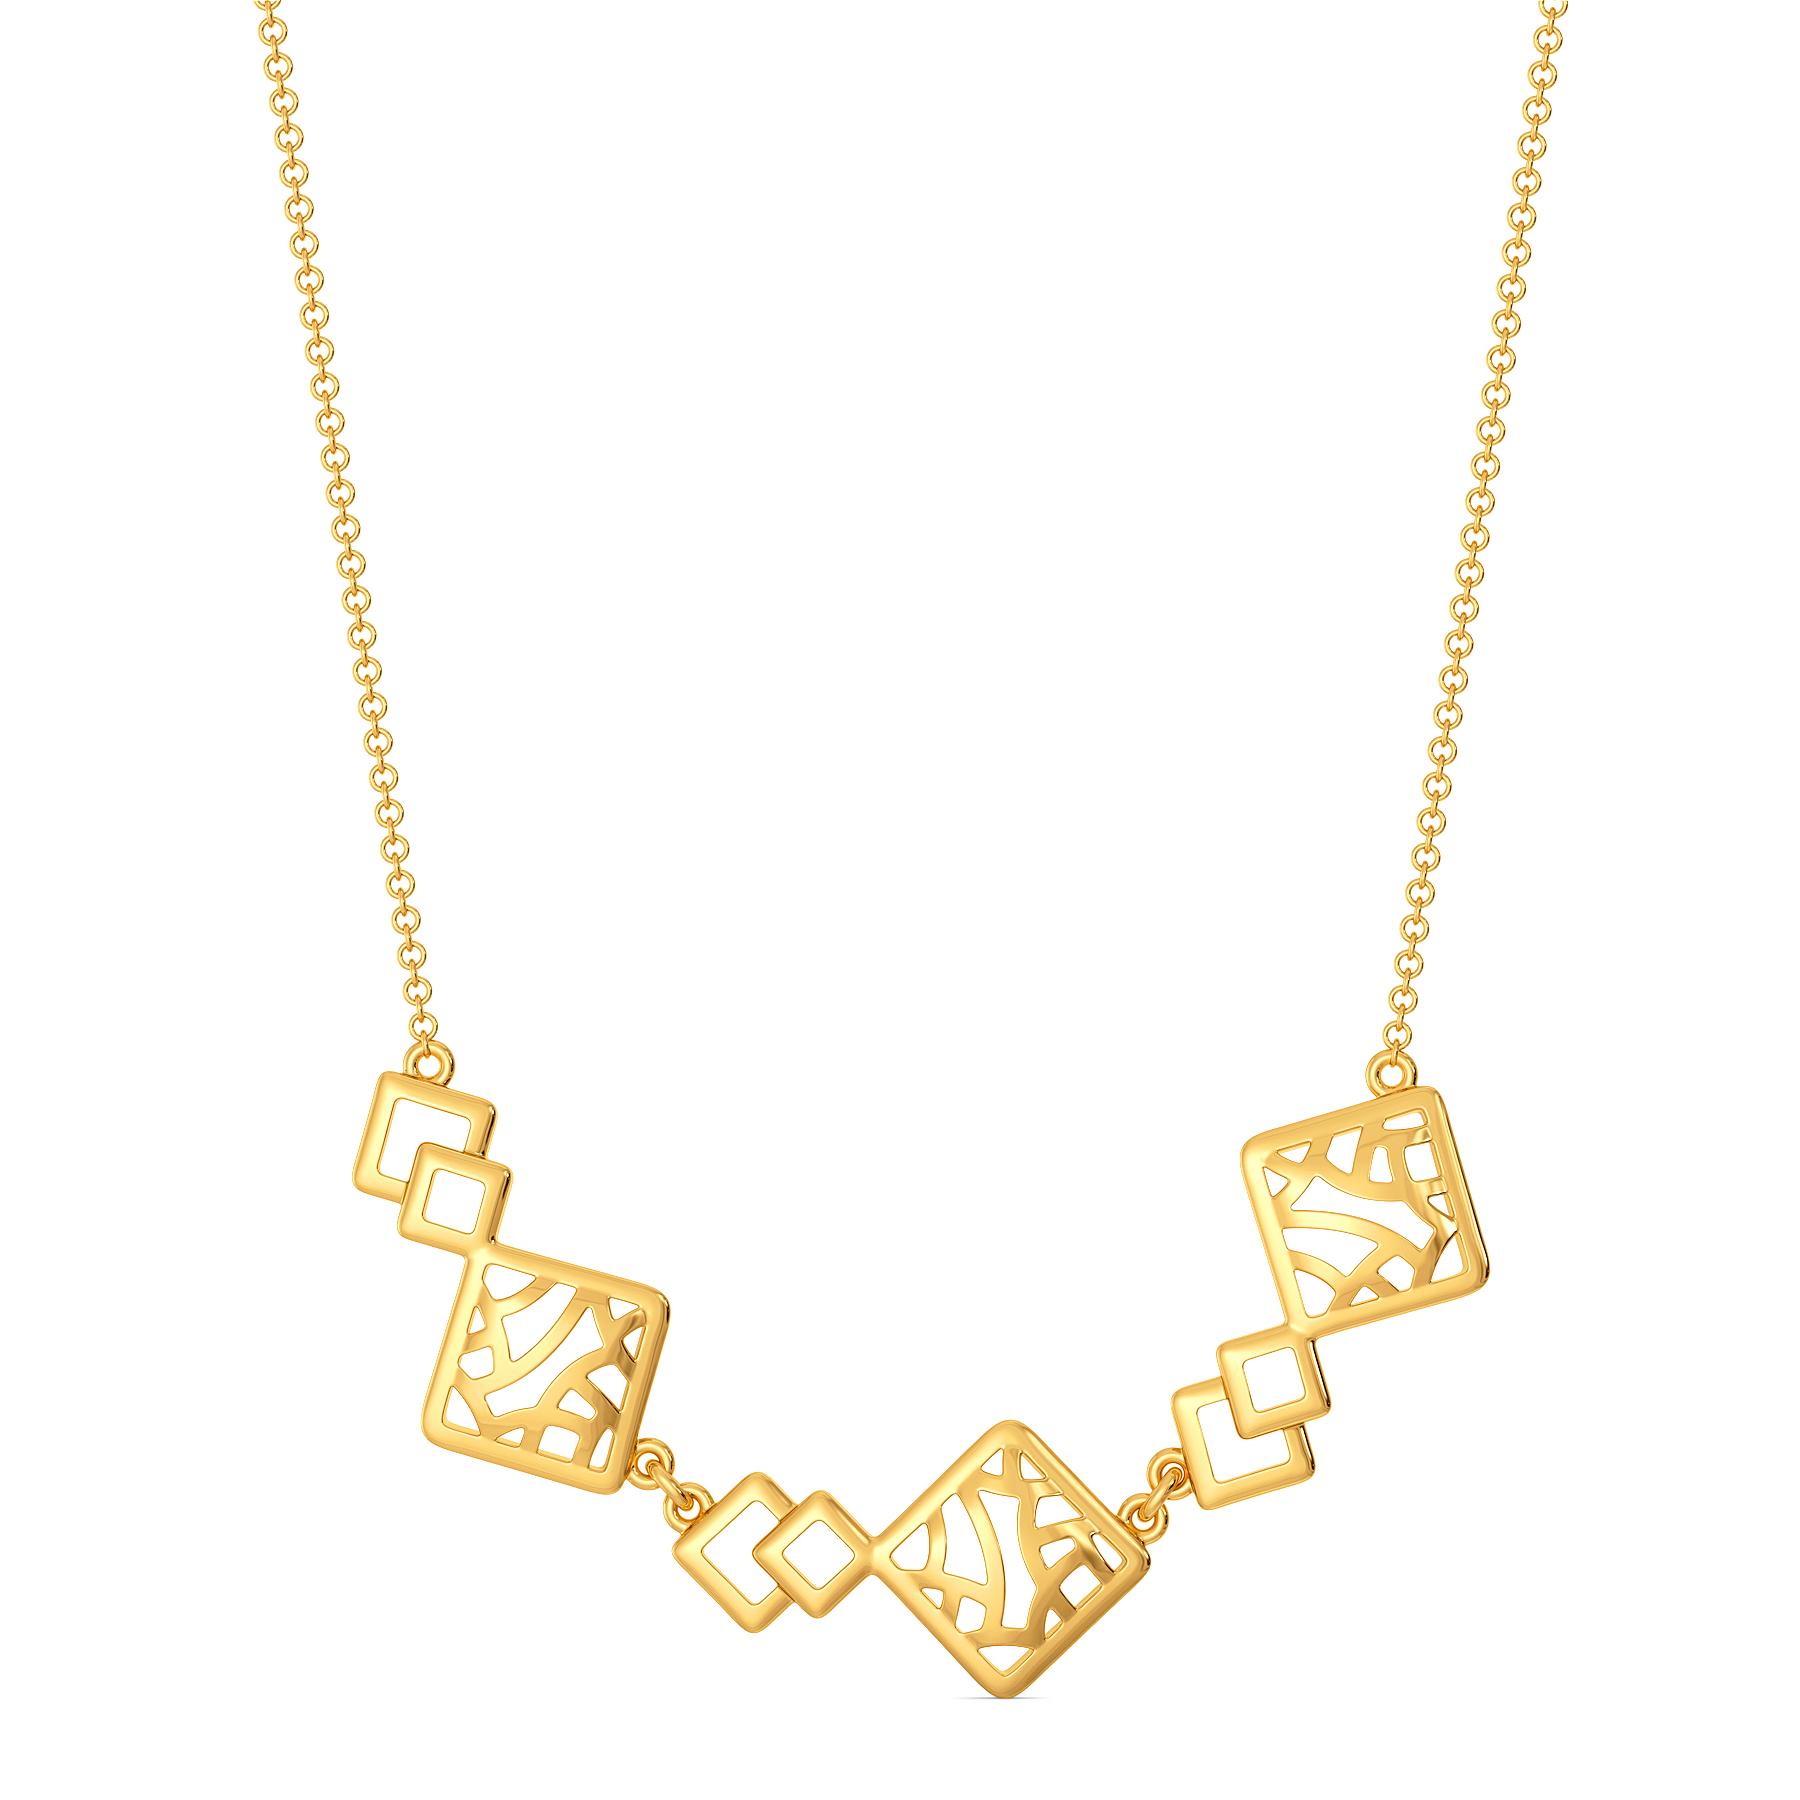 Net Reveals Gold Necklaces